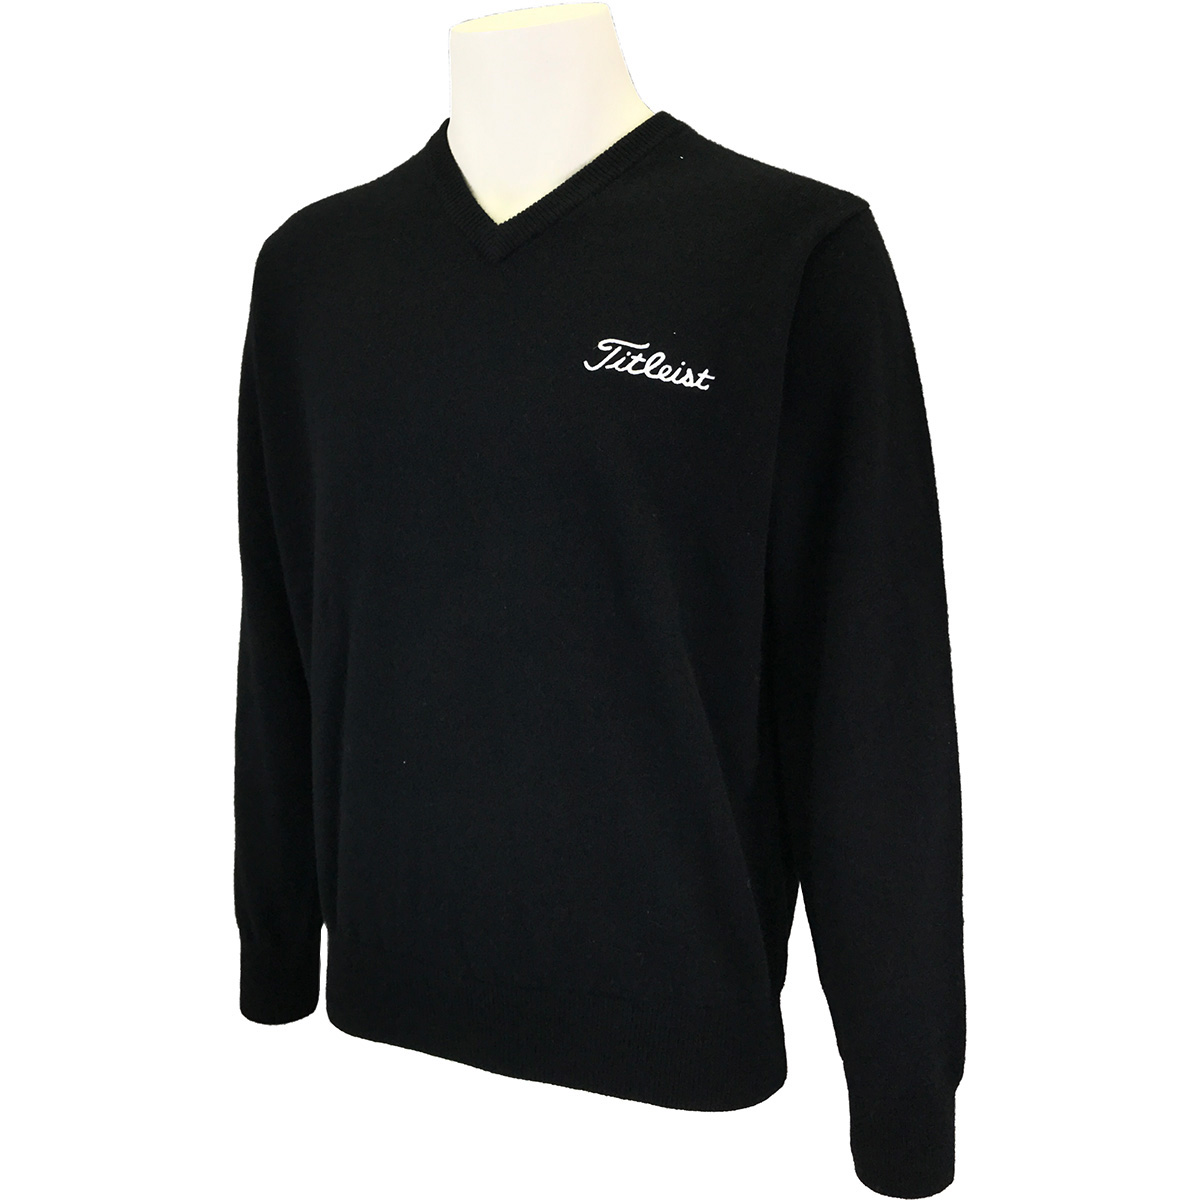 ツアーフラッグシップモデル カシミアVネックセーター